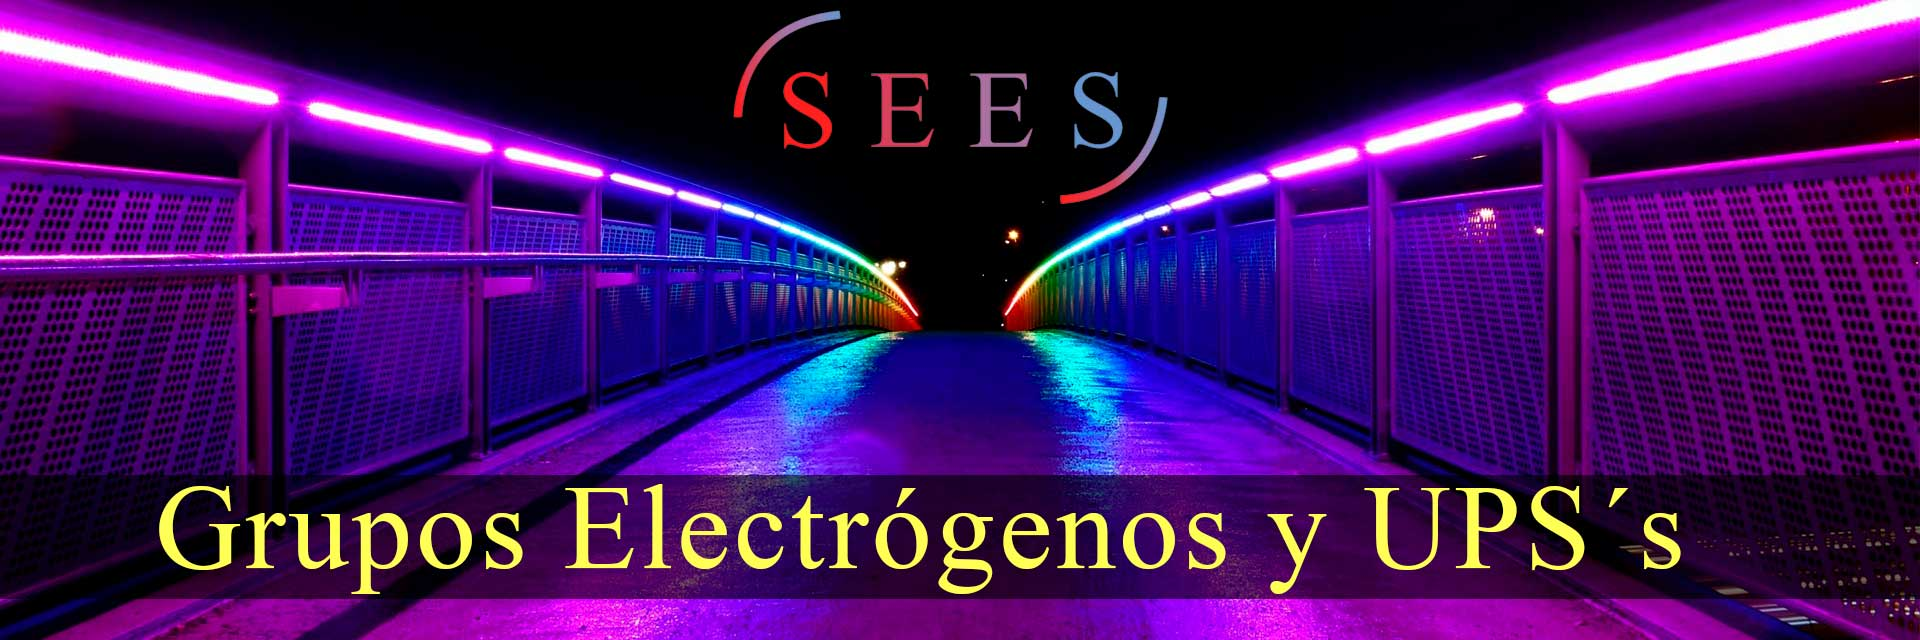 SEES - Sistemas Energéticos de Emergencia y Seguridad, S. L.